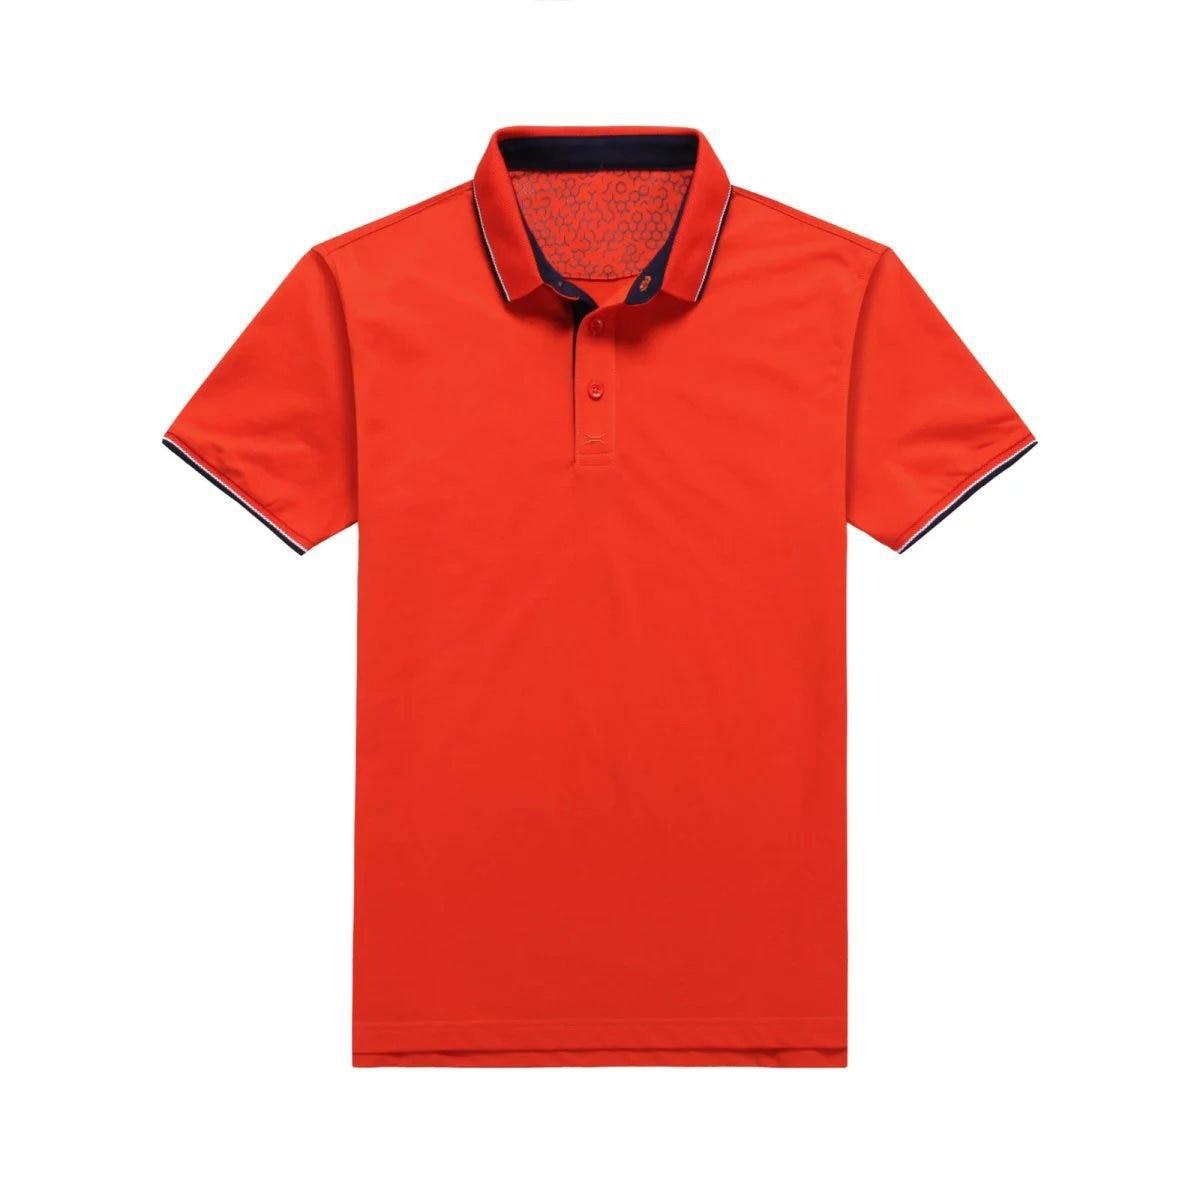 7837370691931 Camisa Polo Das Mulheres Dos Homens do Logotipo Personalizado Texto Foto  Empresa Uniforme Da Equipe de impressão de Escritório Senhora Camisa Pólo  Camiseta ...